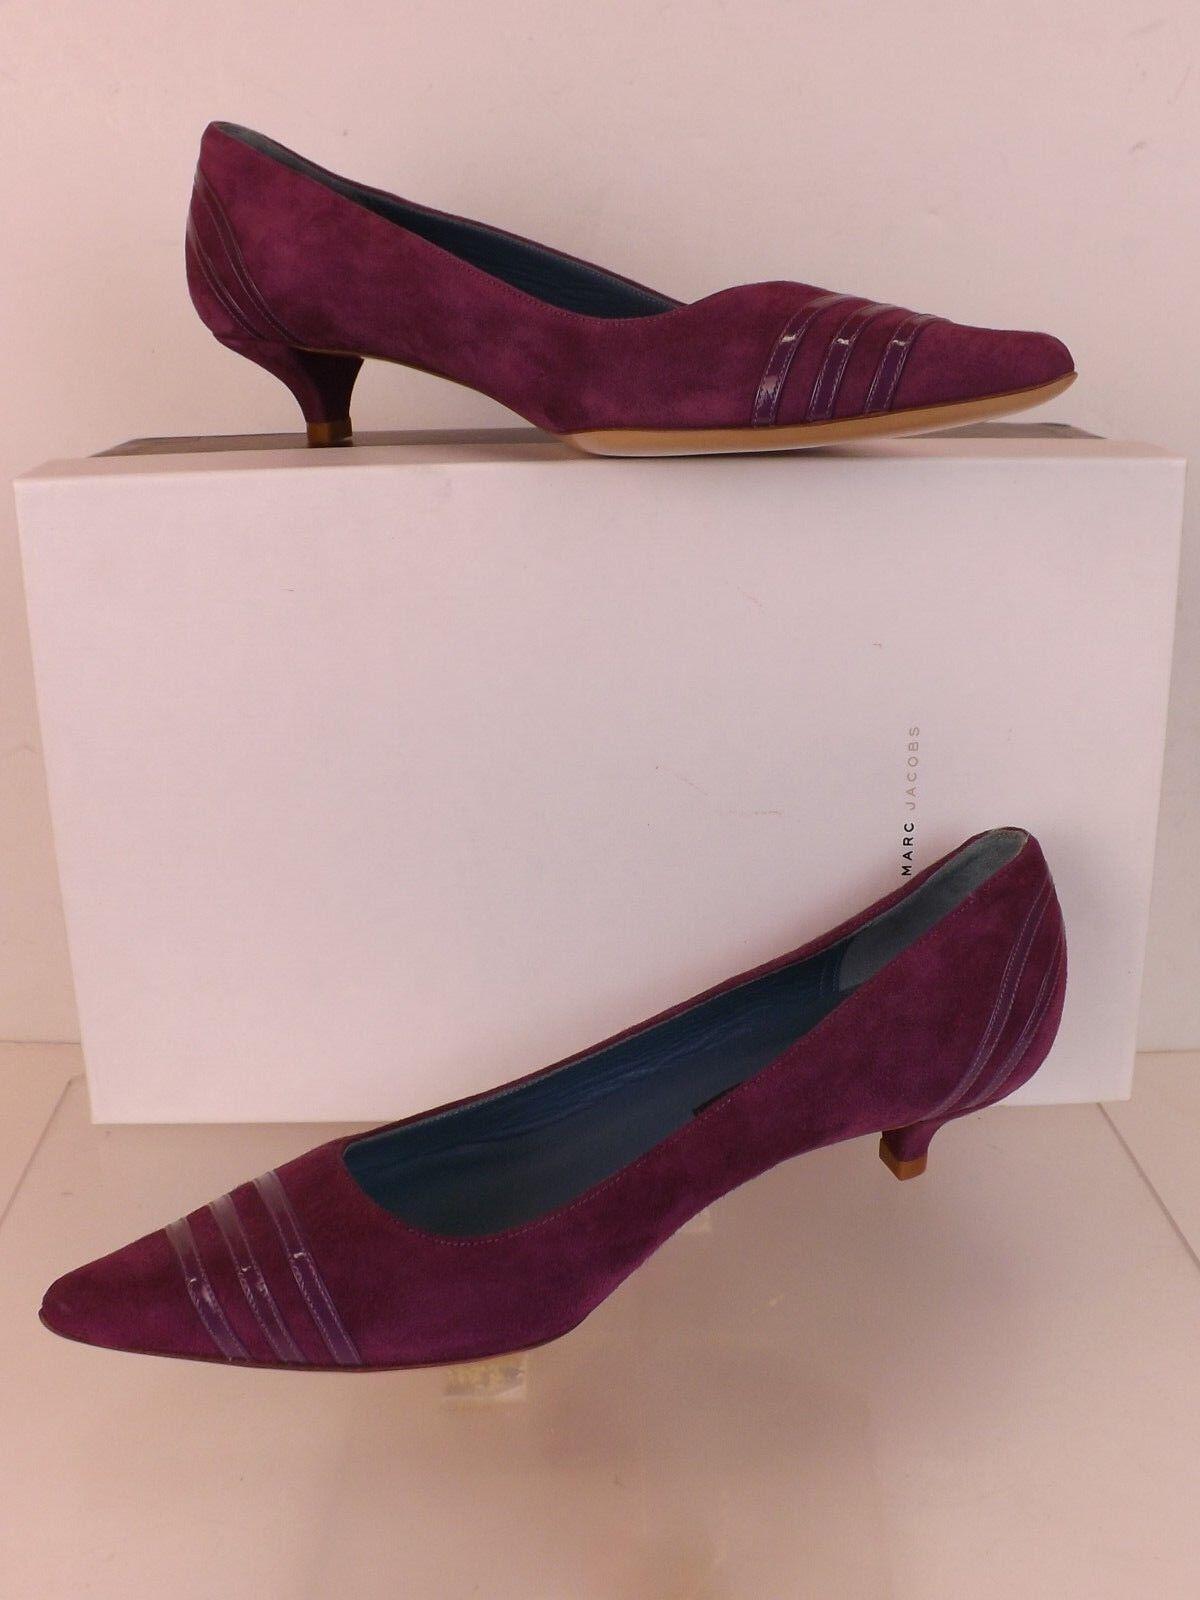 Nuevo Marc Jacobs púrpura en Punta de Gamuza Gamuza Gamuza Tacón Gatito Zapatos De Salón 37 Italia  diseño simple y generoso